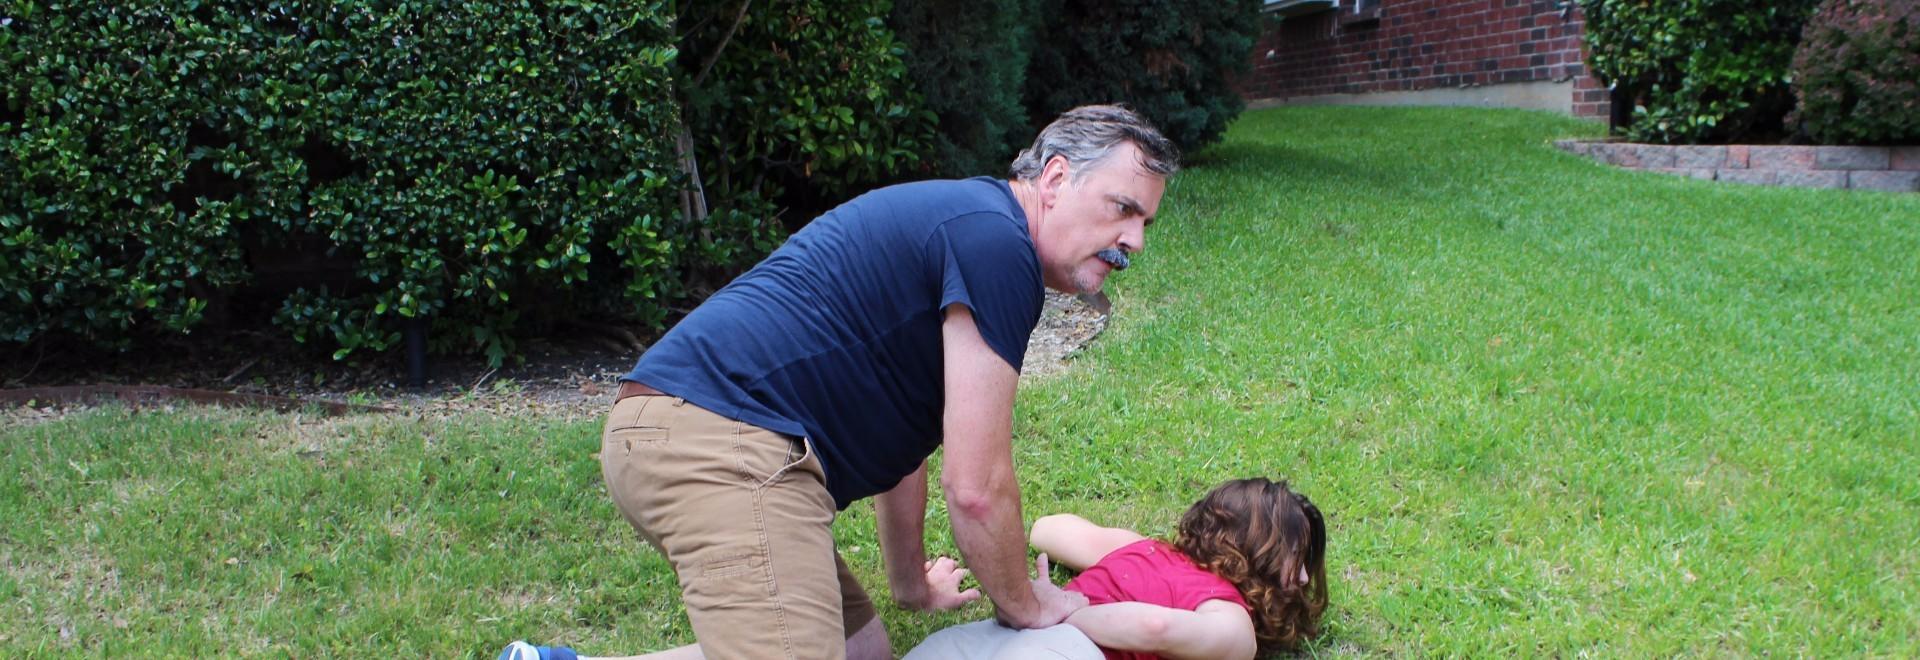 Il mistero dell'omicidio di Jennifer Levin